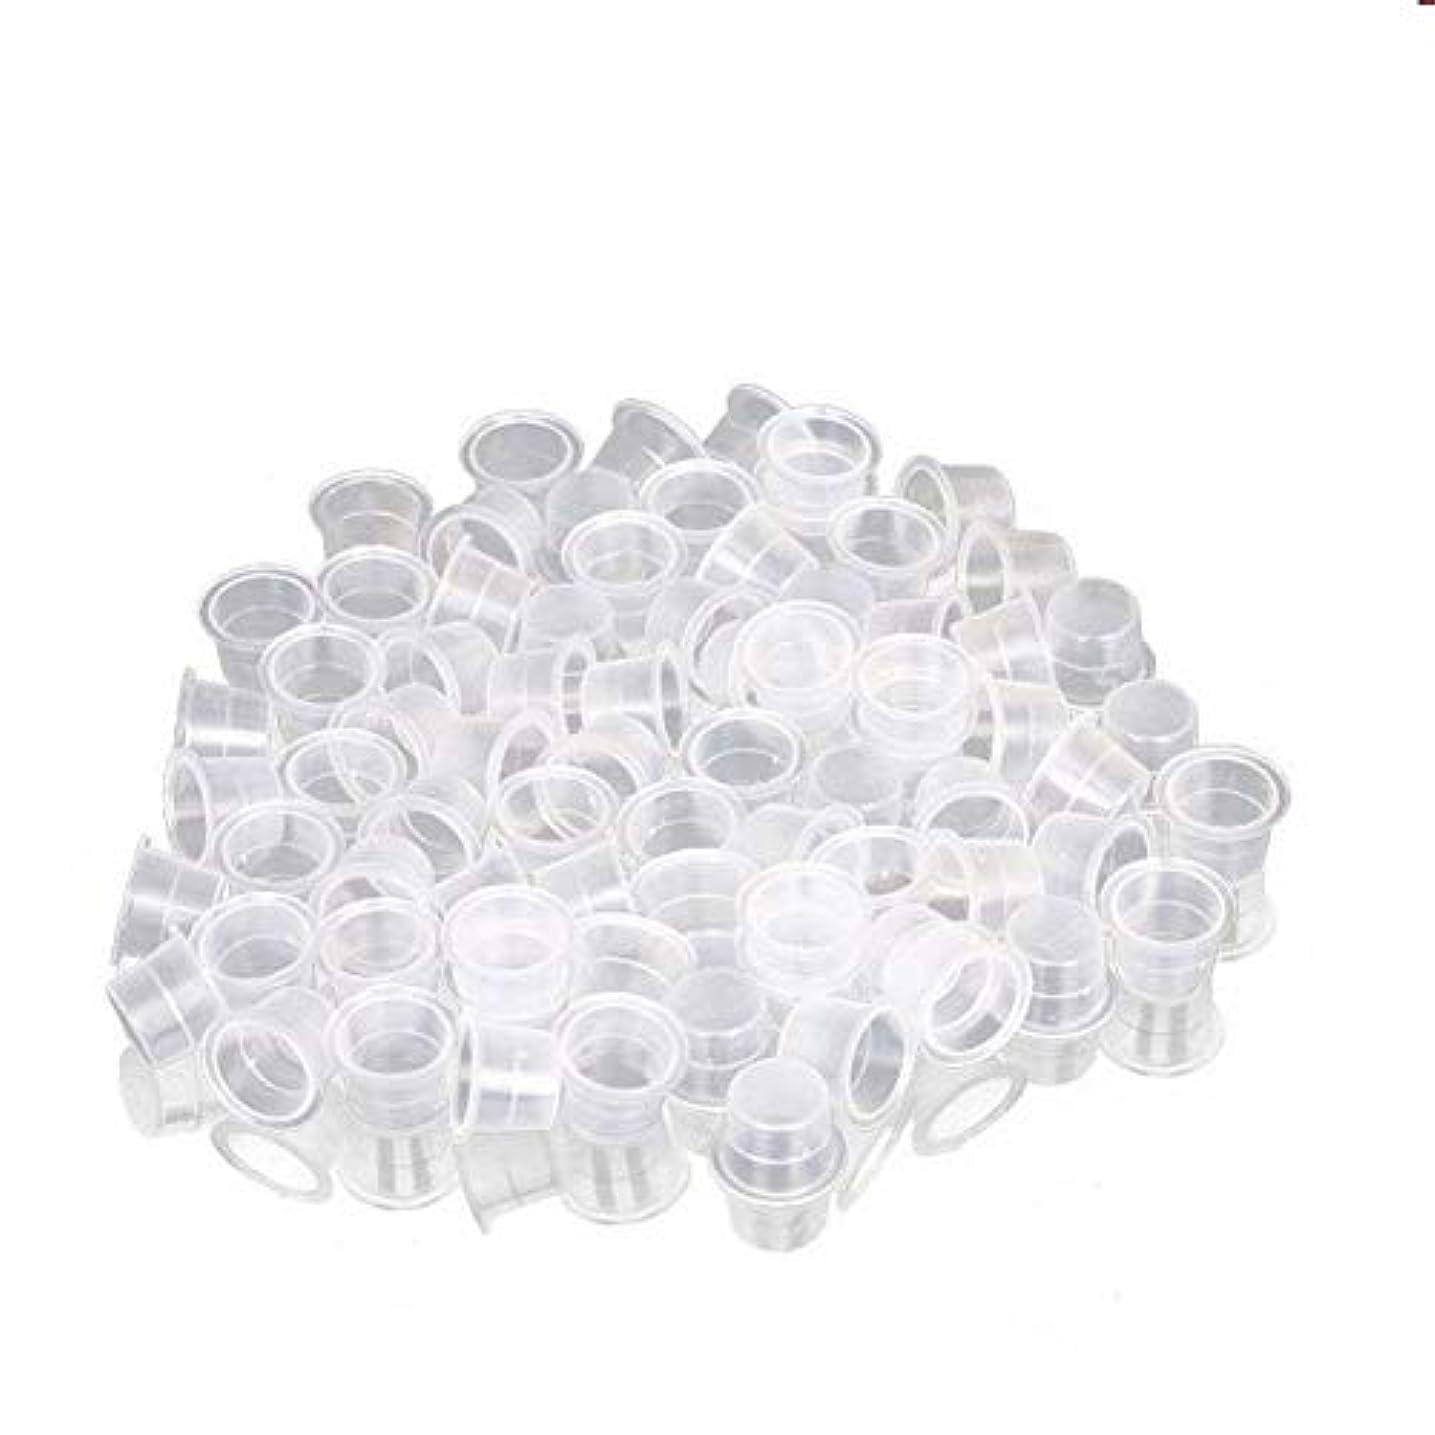 分離するロッジモットーインクカップ、顔料カップ、顔料ボックス ディスポーザブル、シリコーン製颜料ツール、キッ100個のための小さな染料皿